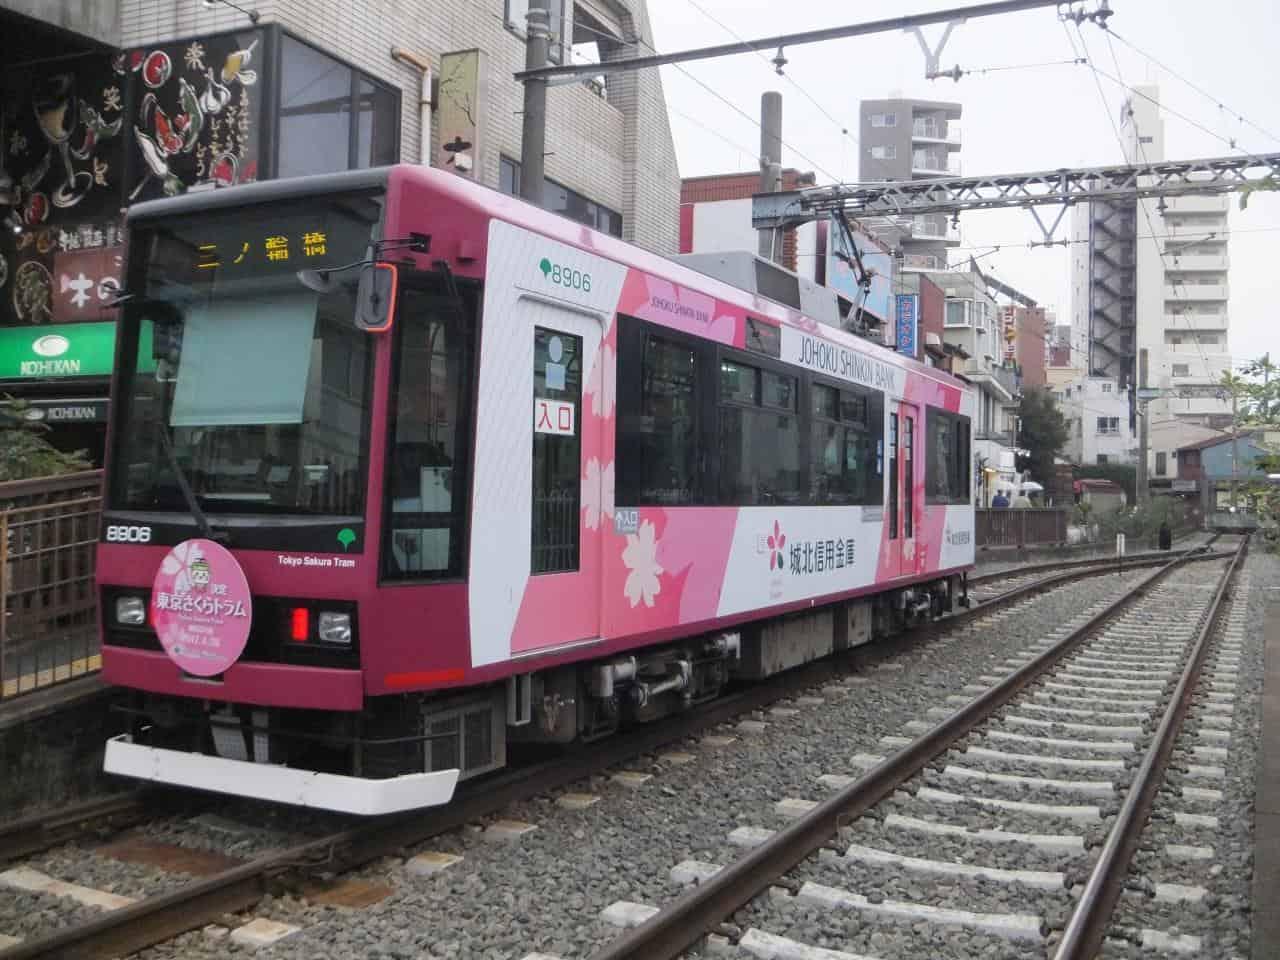 รถราง ญี่ปุ่น - Tokyo Sakura Tram